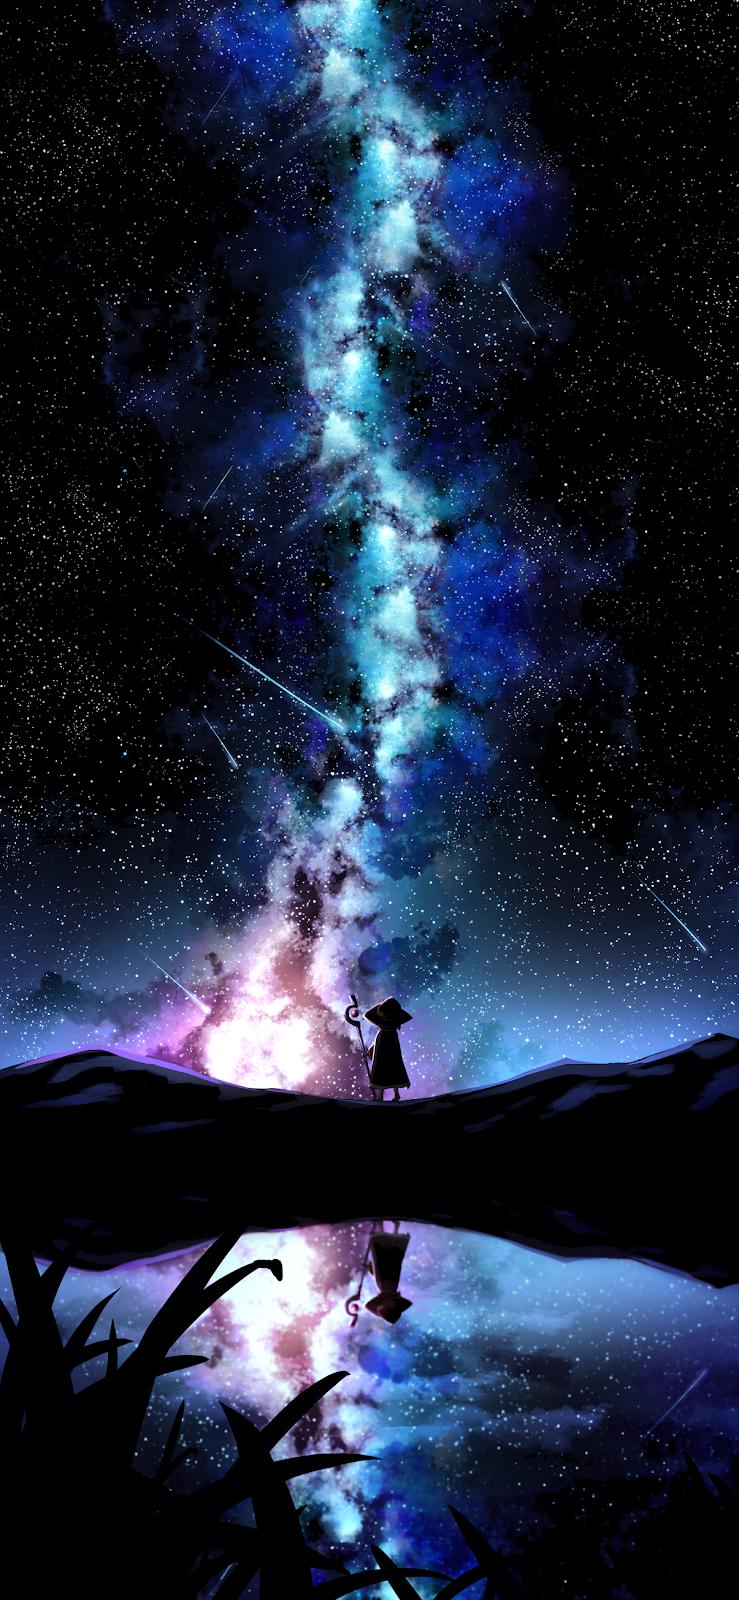 Giữa bầu trời đầy sao